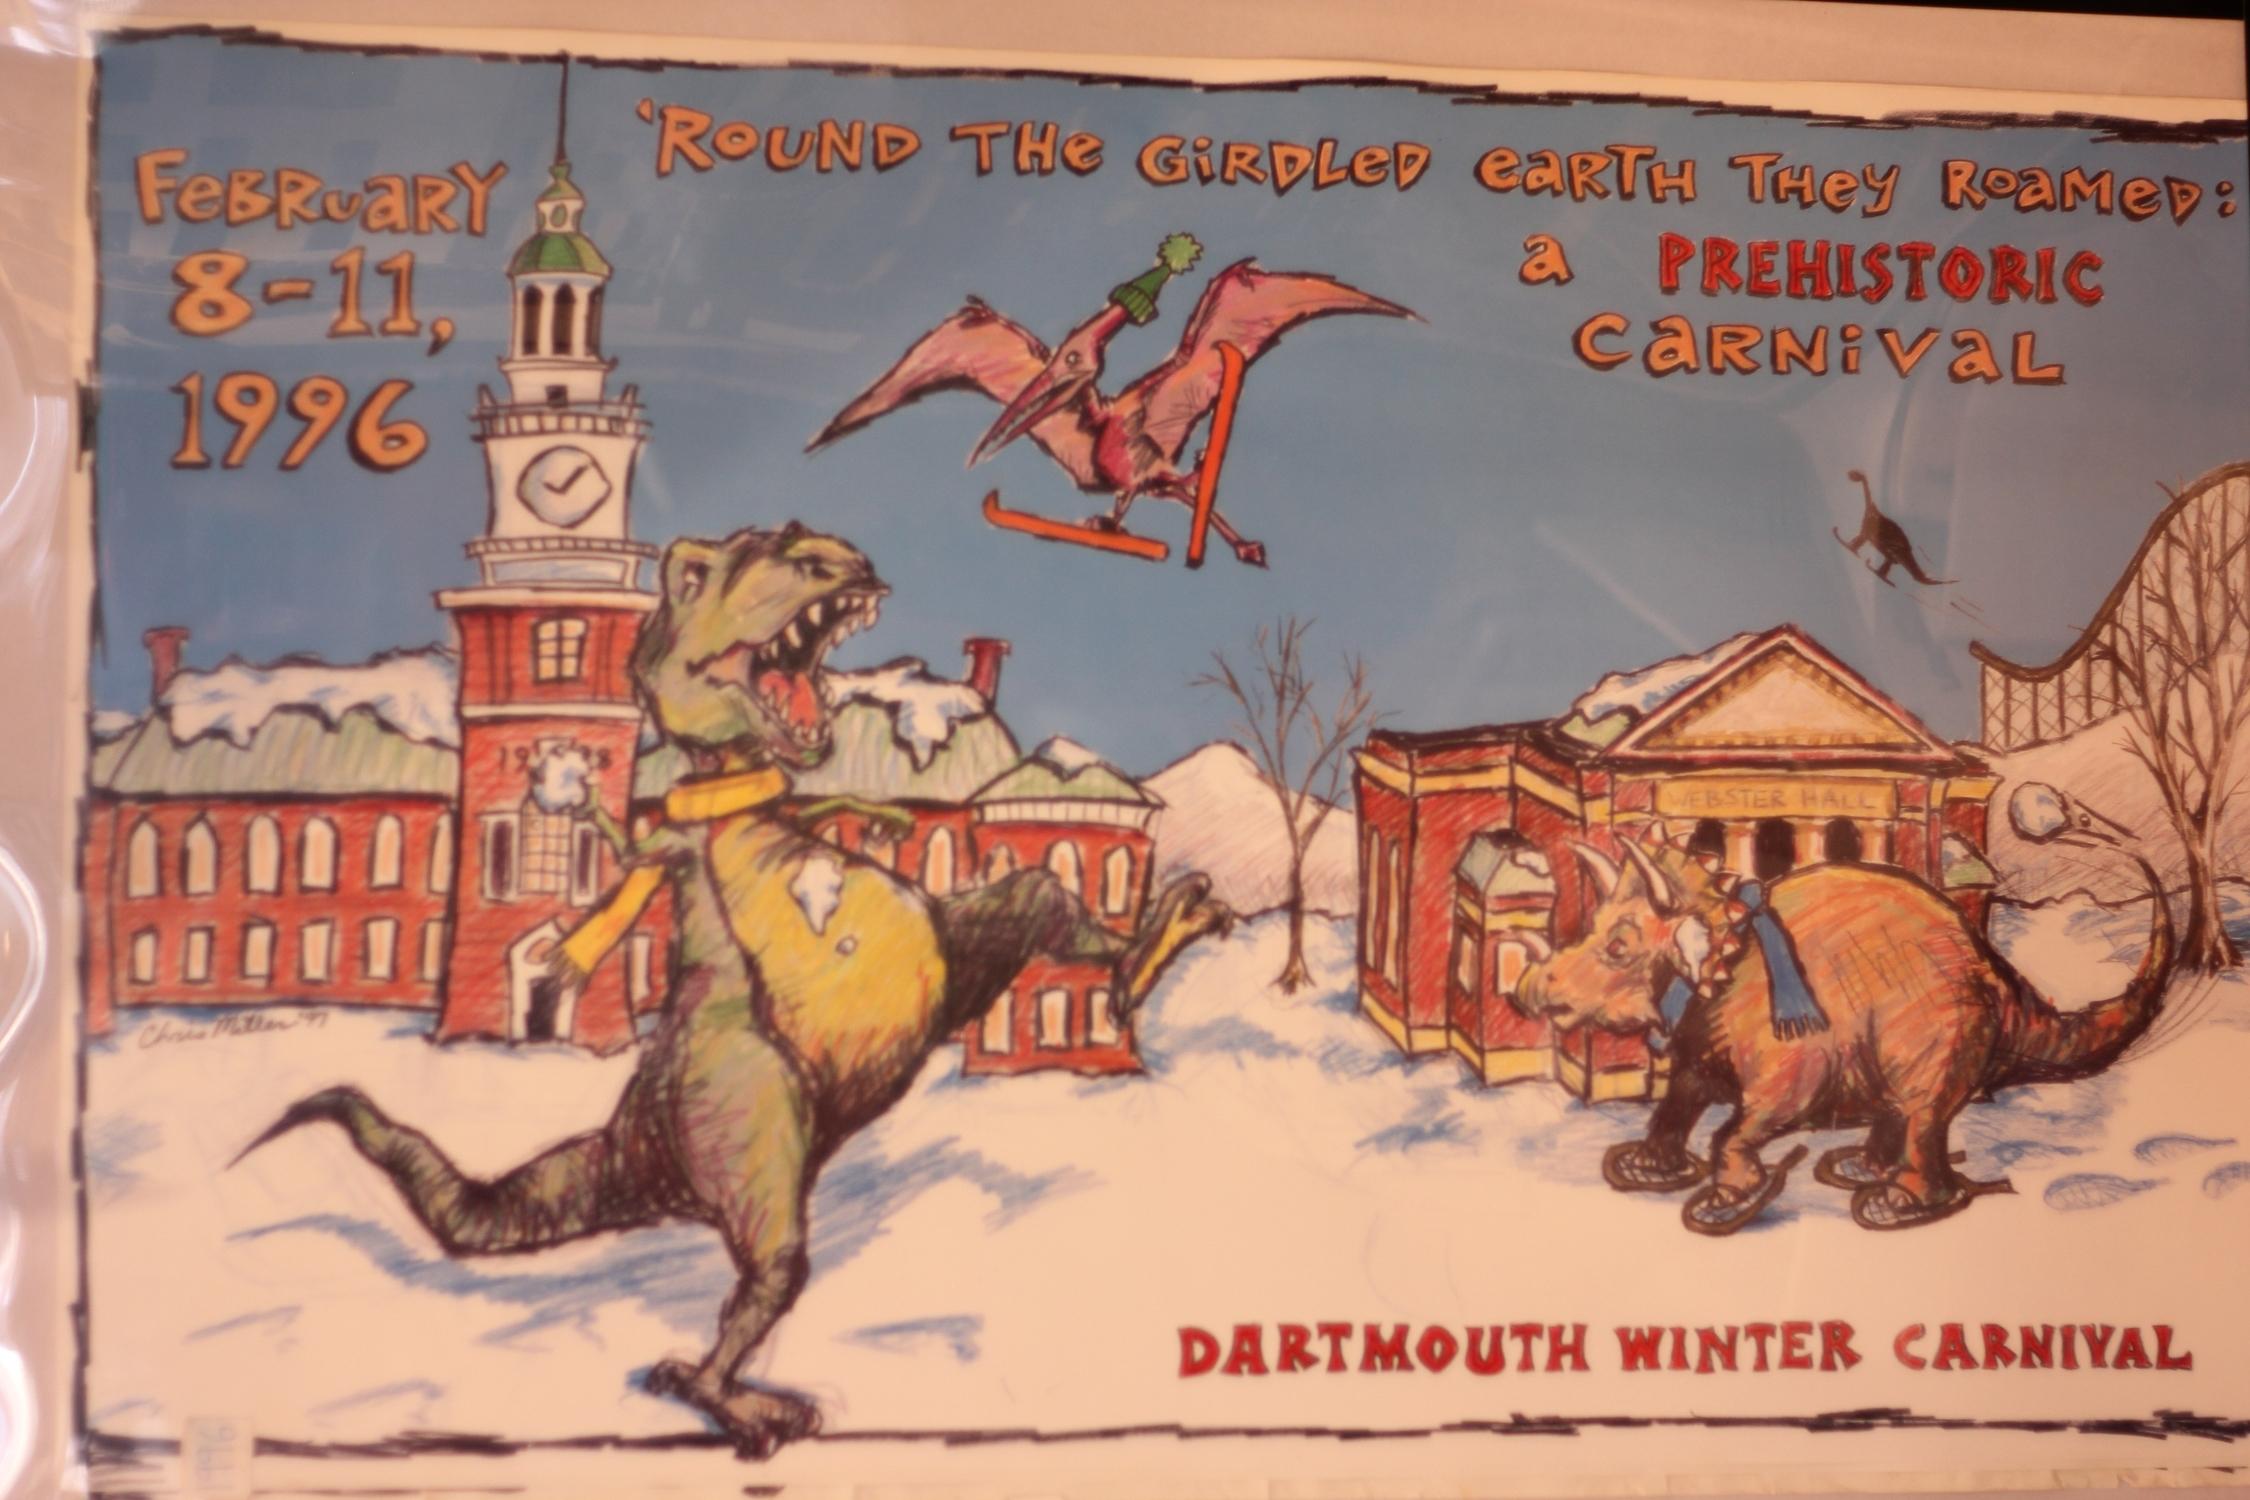 Dartmouth Winter Carnival 1996